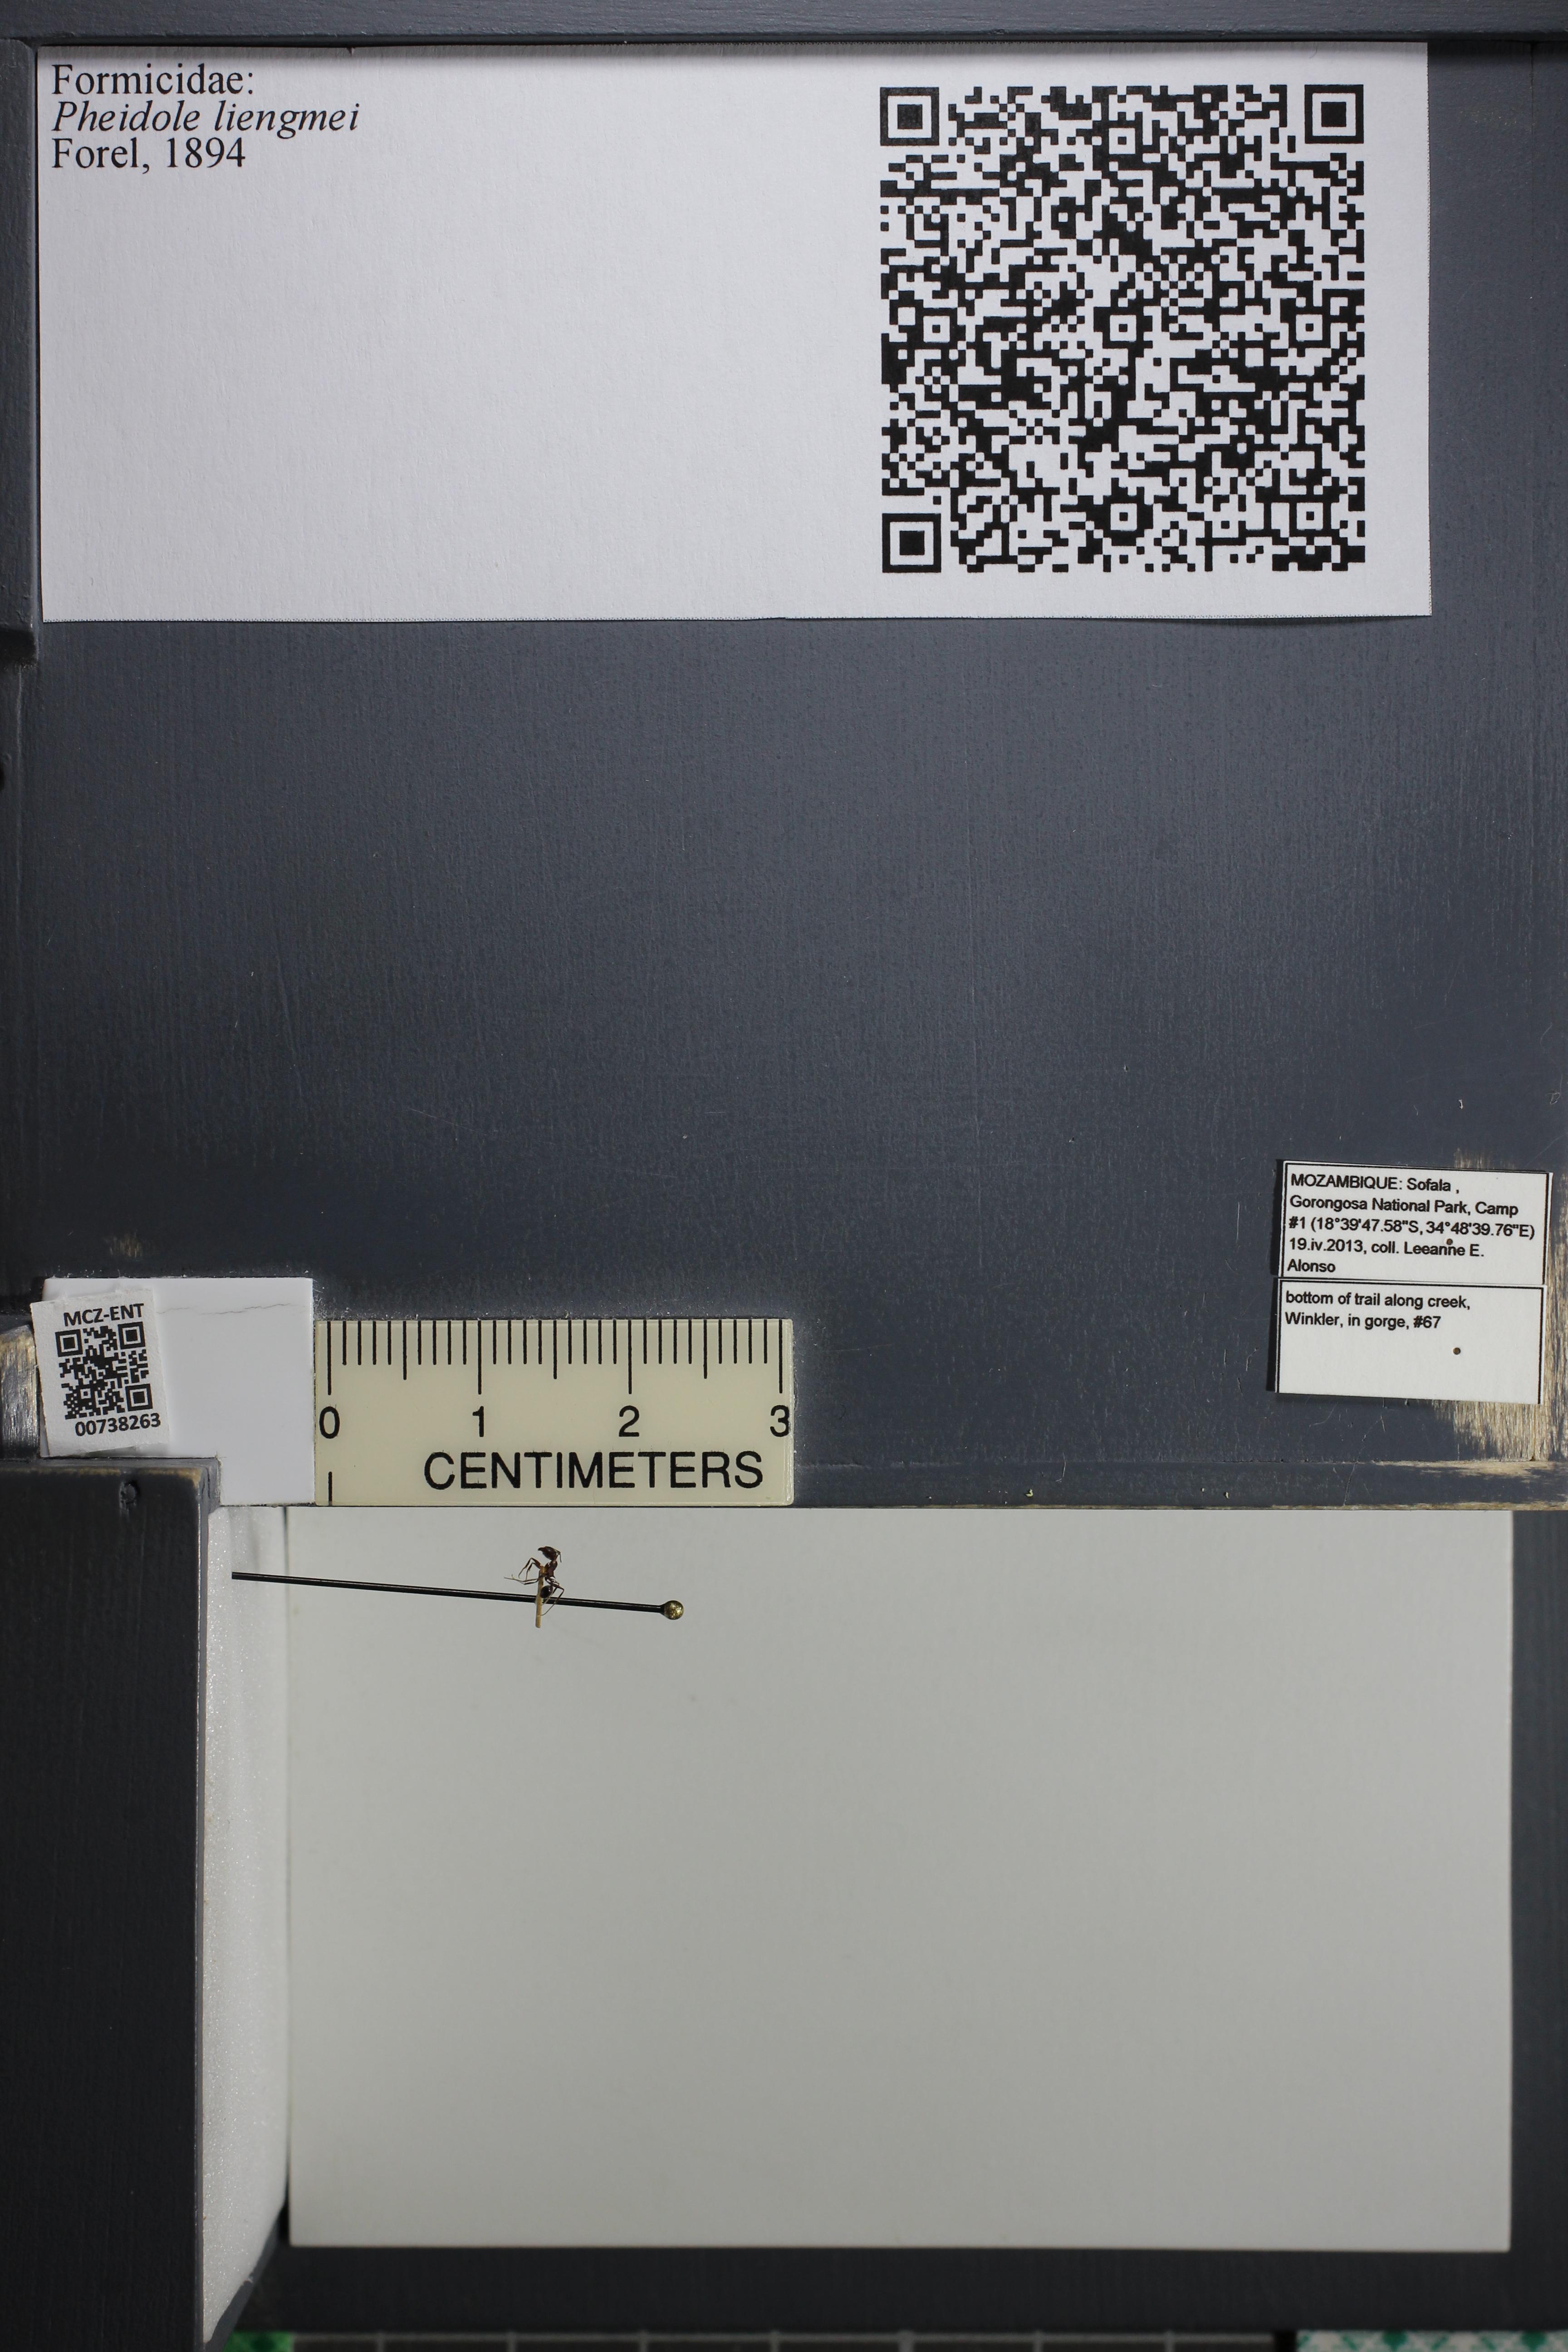 Media of type image, MCZ:Ent:738263 Identified as Pheidole liengmei.